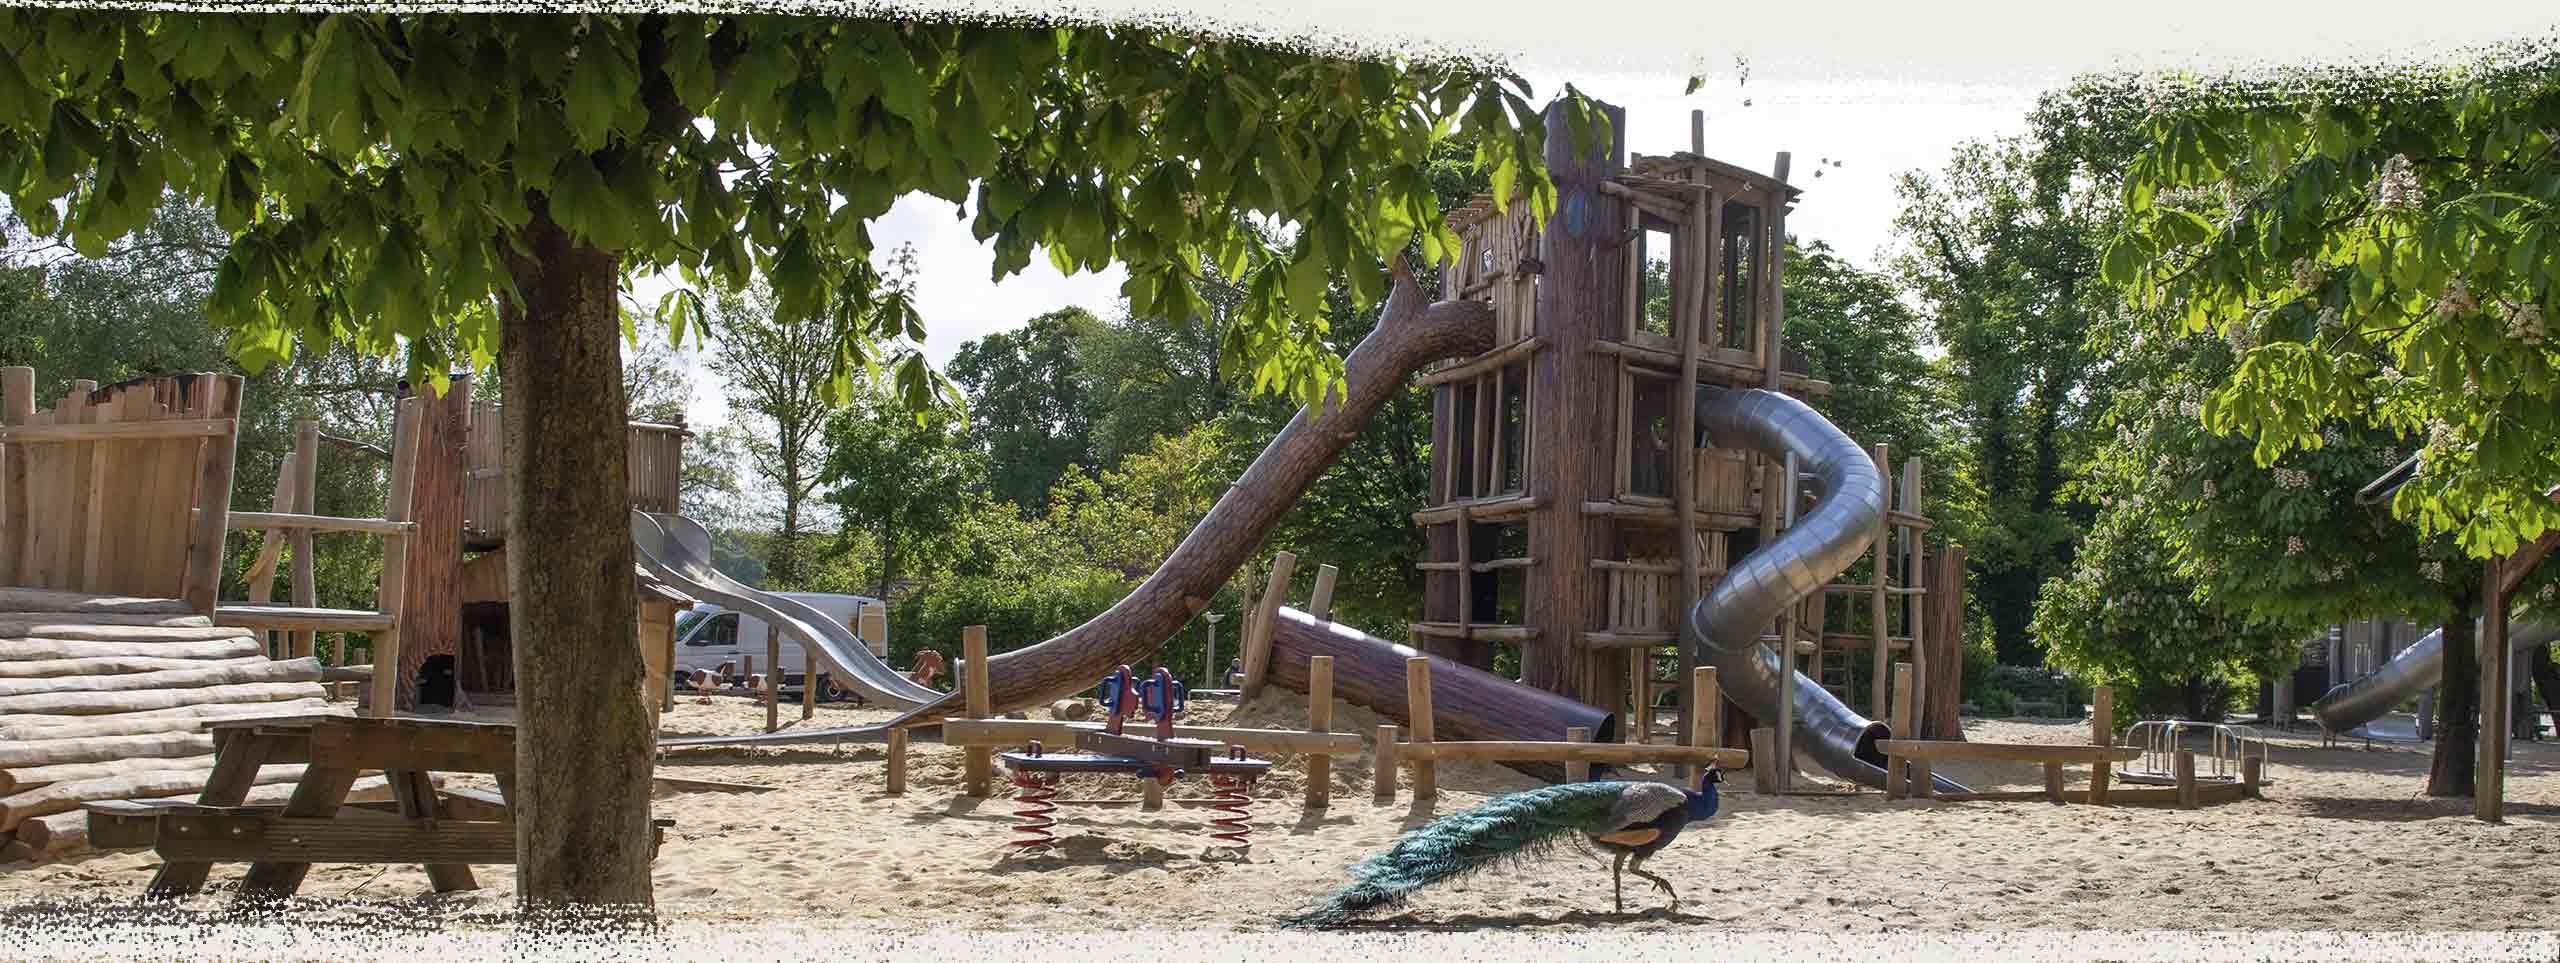 Freizeitpark, Spielwelten